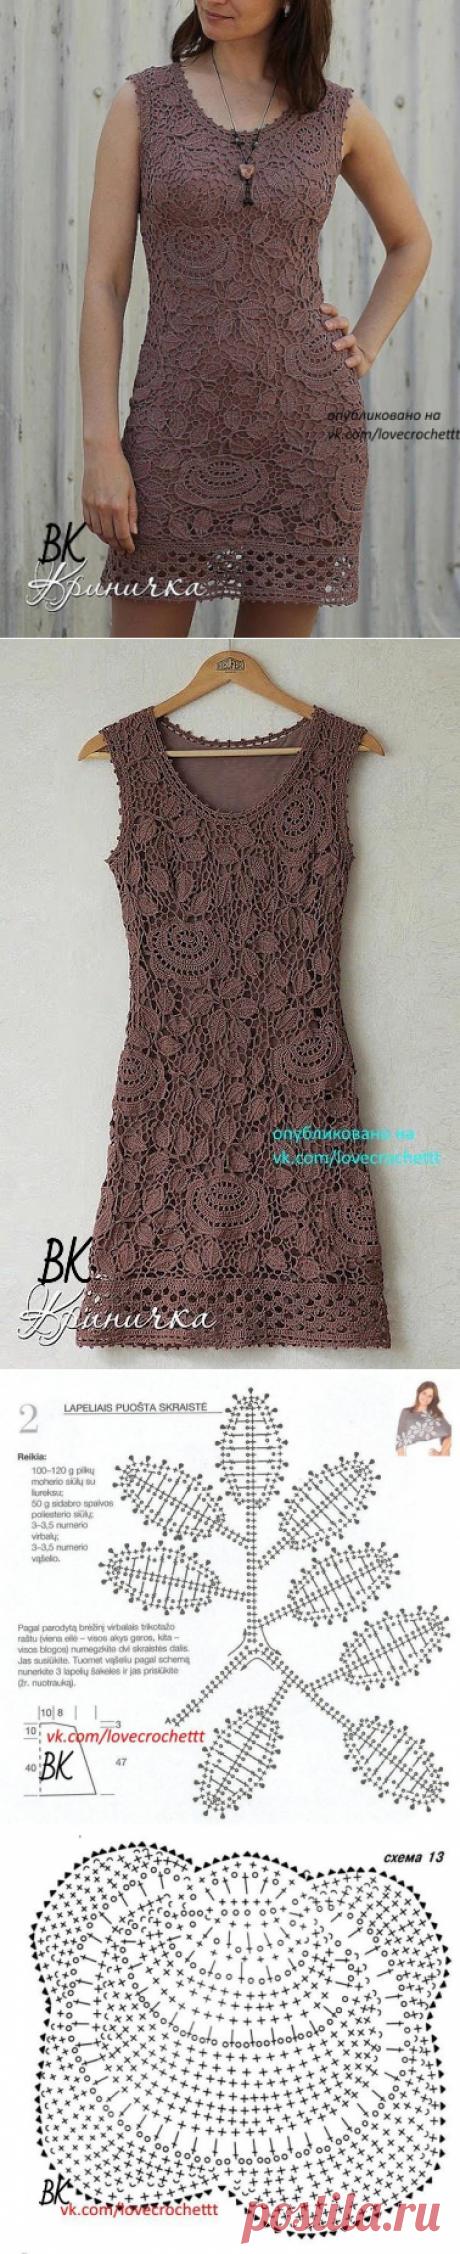 Вязание-крючок-ТУНИКИ+БЛУЗОНЫ-ПЛАТЬЯ >Платье